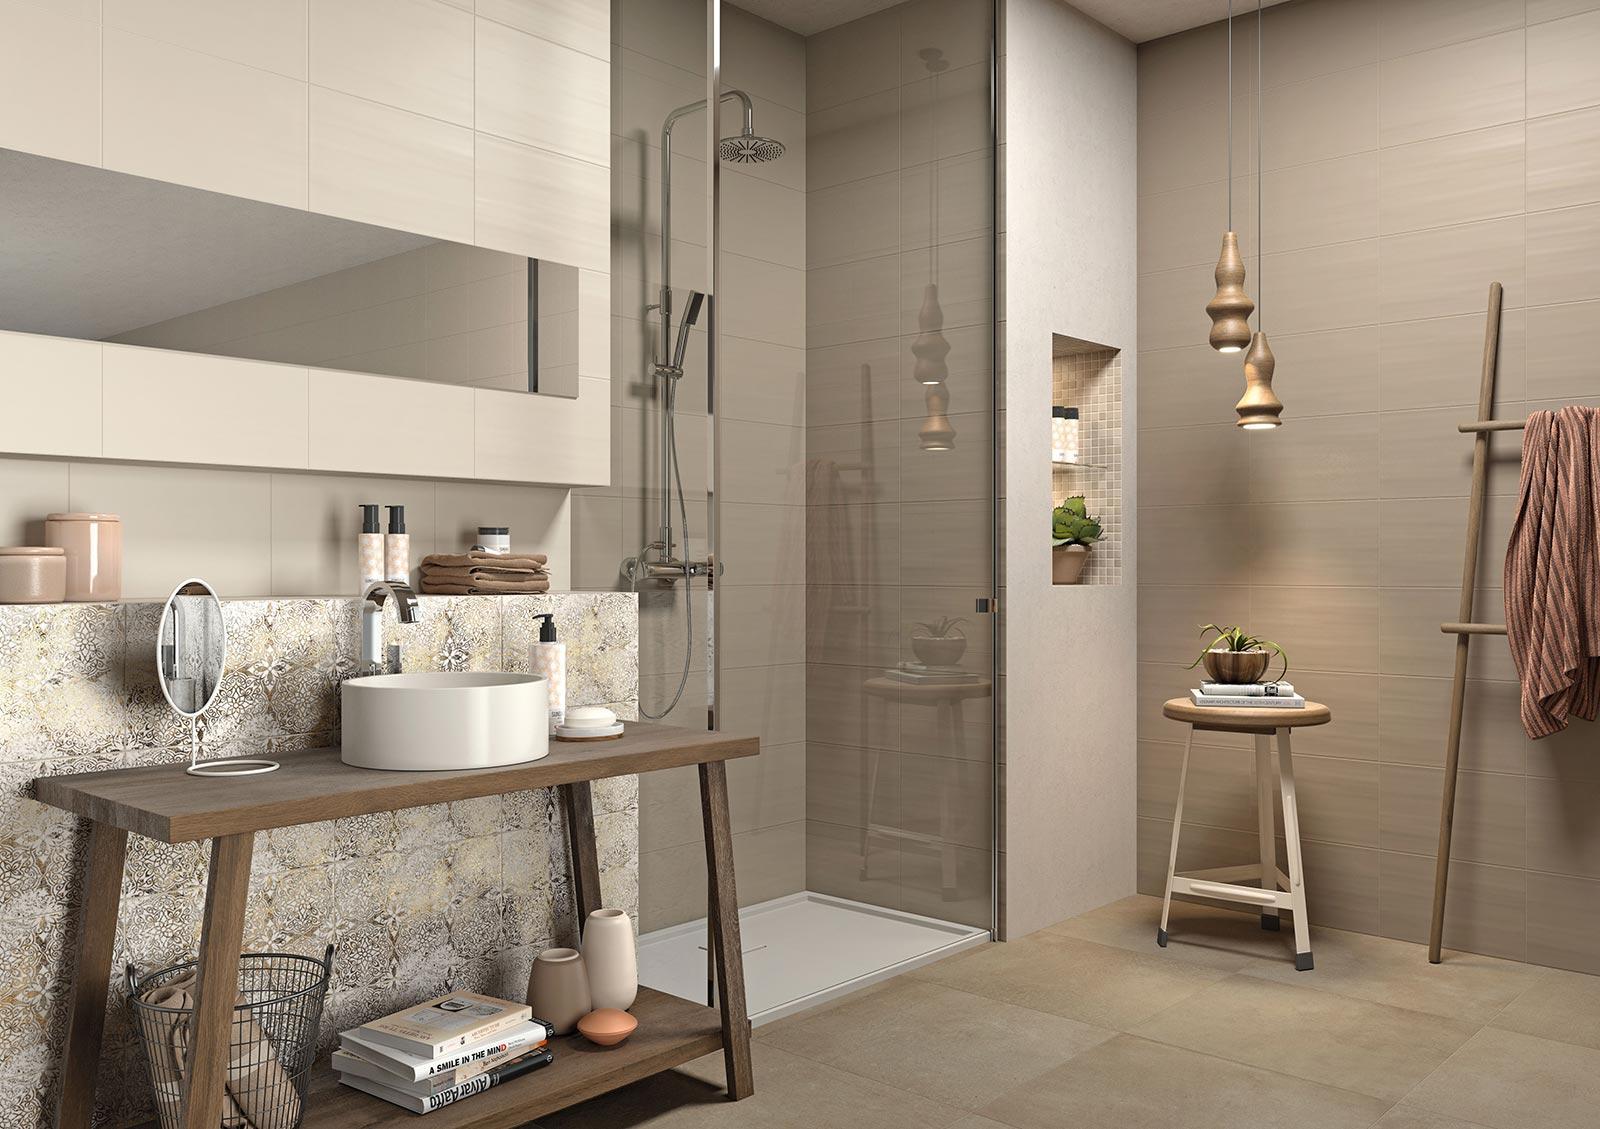 Accessoire Salle De Bain Imitation Marbre ~ neutral carreaux muraux marazzi